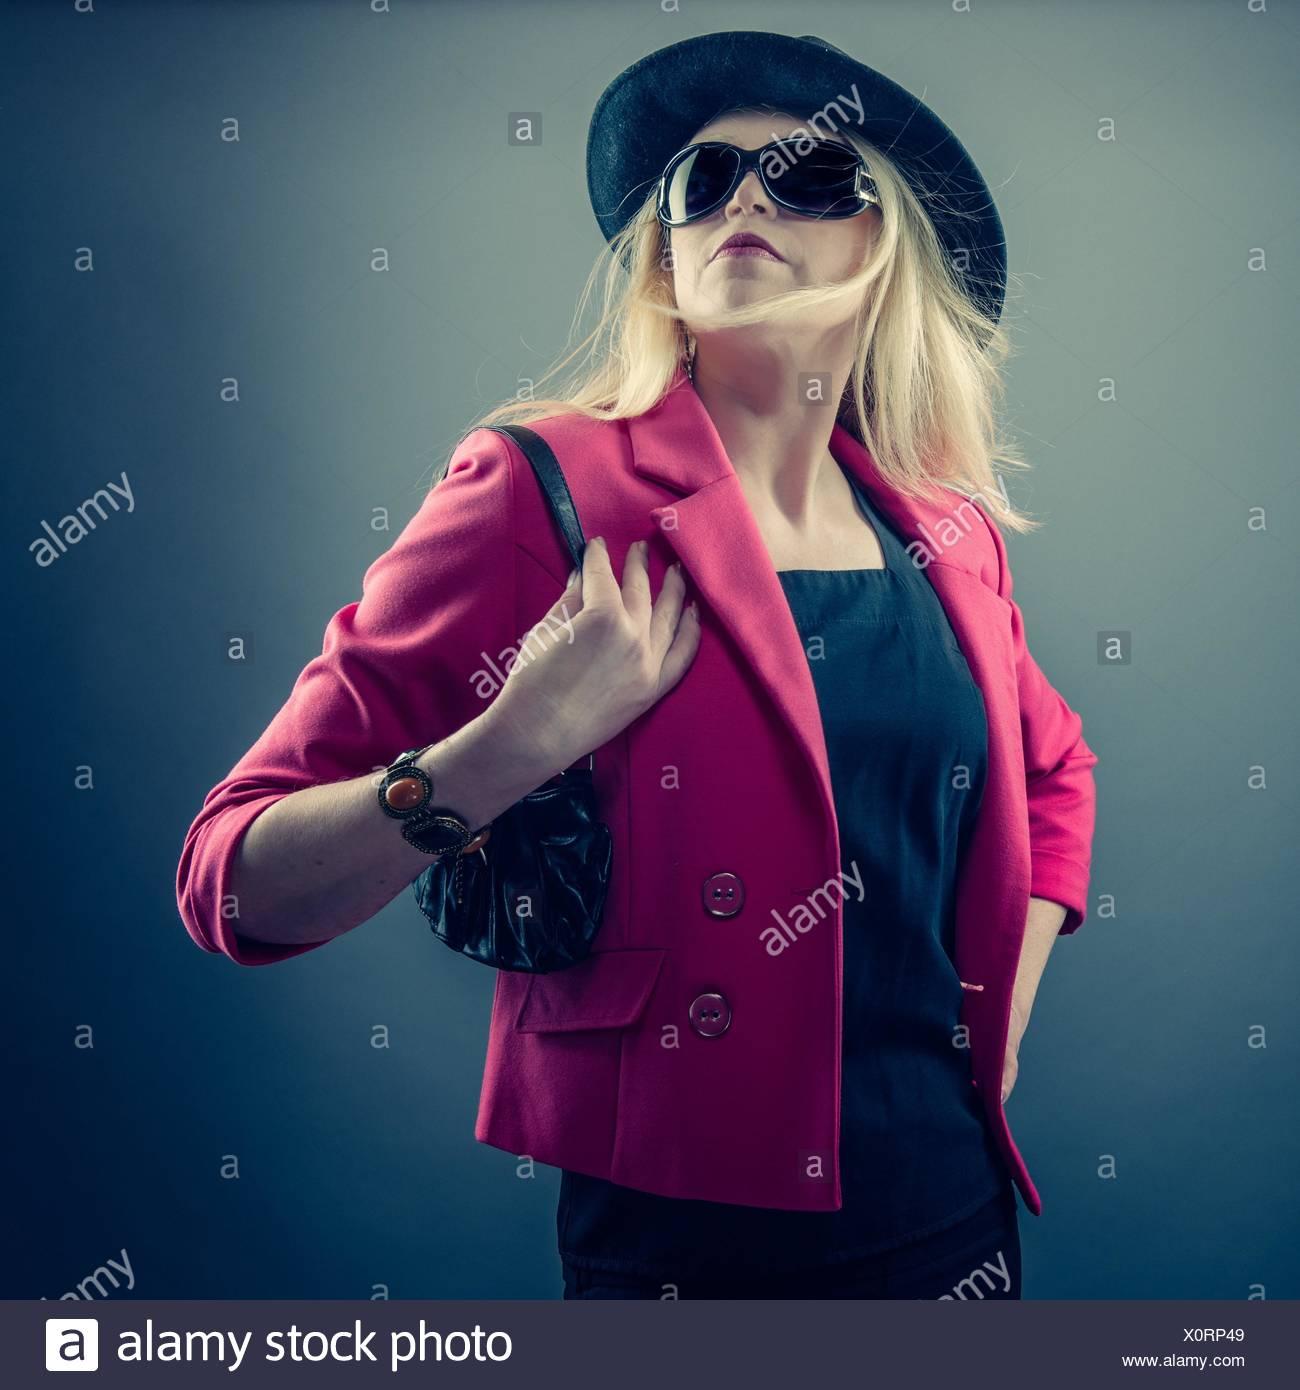 Urbane reife Frau das Tragen einer Sonnenbrille und Hut, Studio gedreht. Stockbild